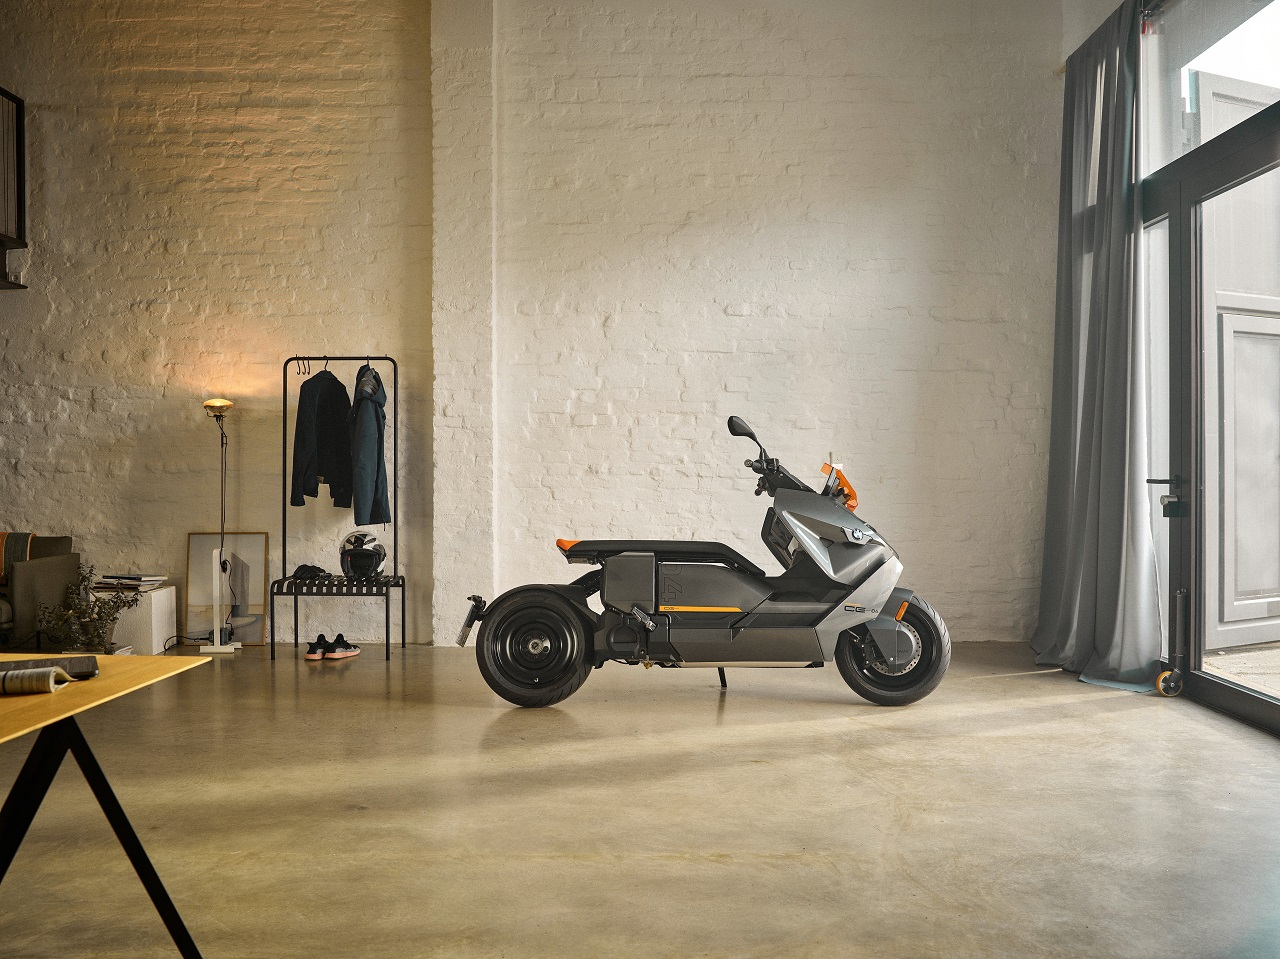 ב.מ.וו חשפה את הסופר-קטנוע החשמלי CE 04